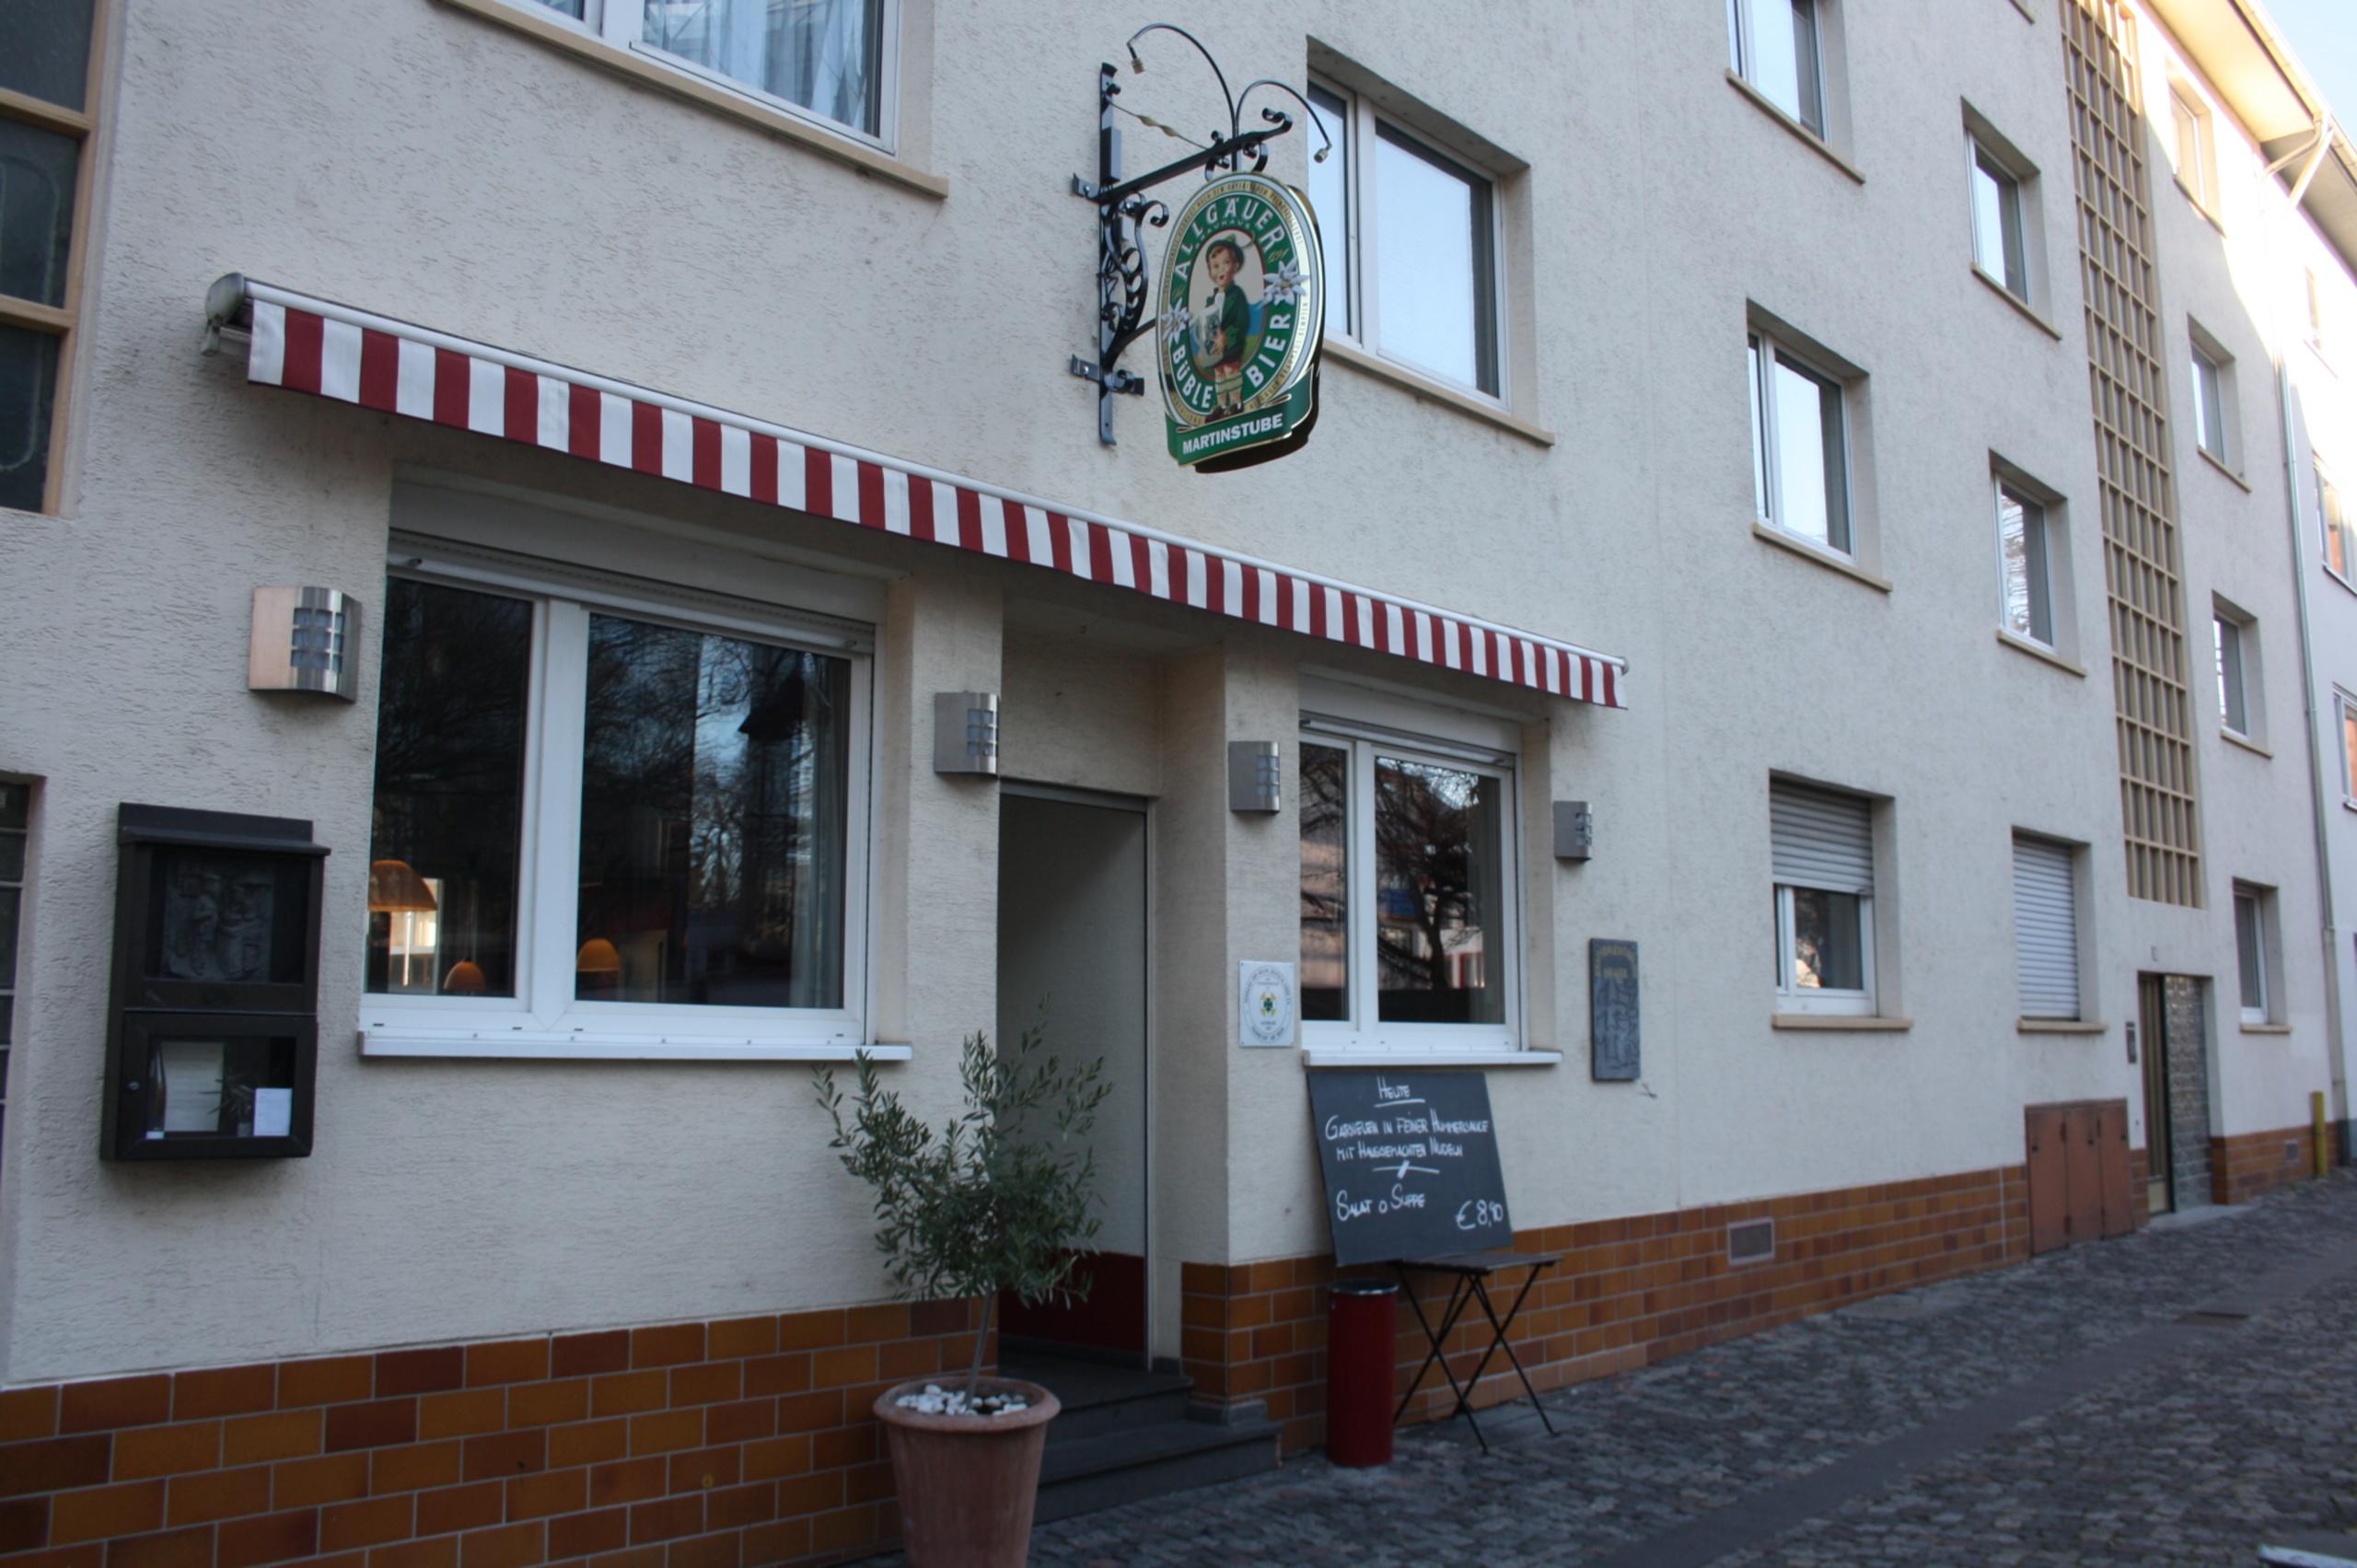 Martinstube Öffnungszeiten, Mitternacht in Mainz | Offen.net